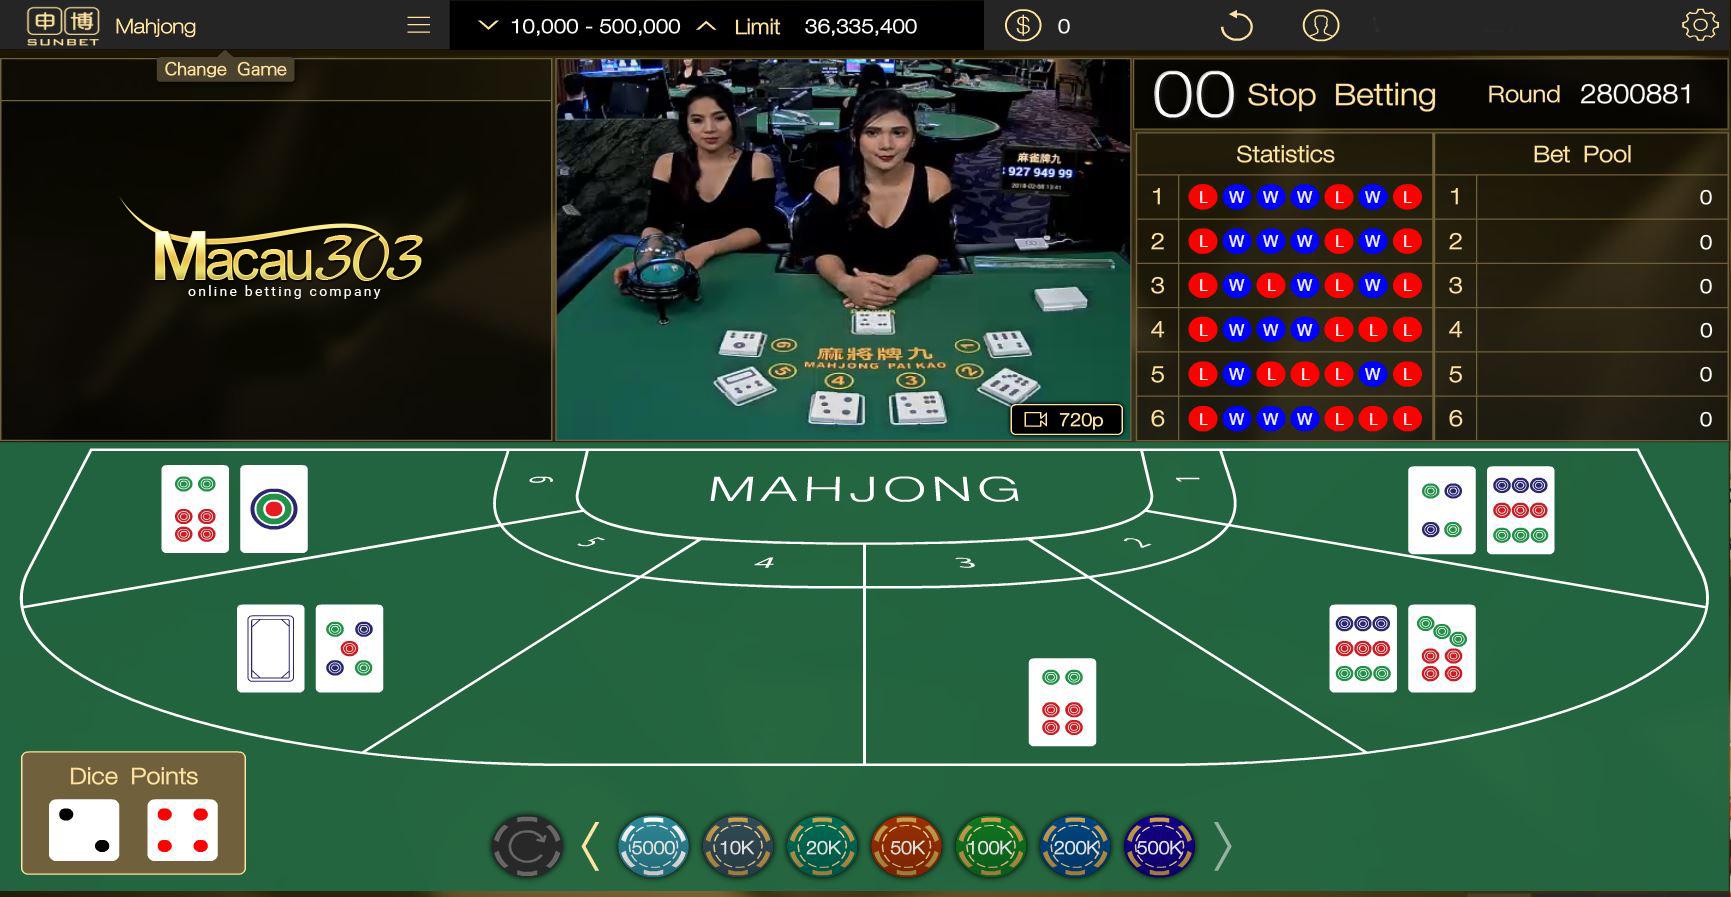 Judi Mahjong Yang Dimainkan Secara Langsung